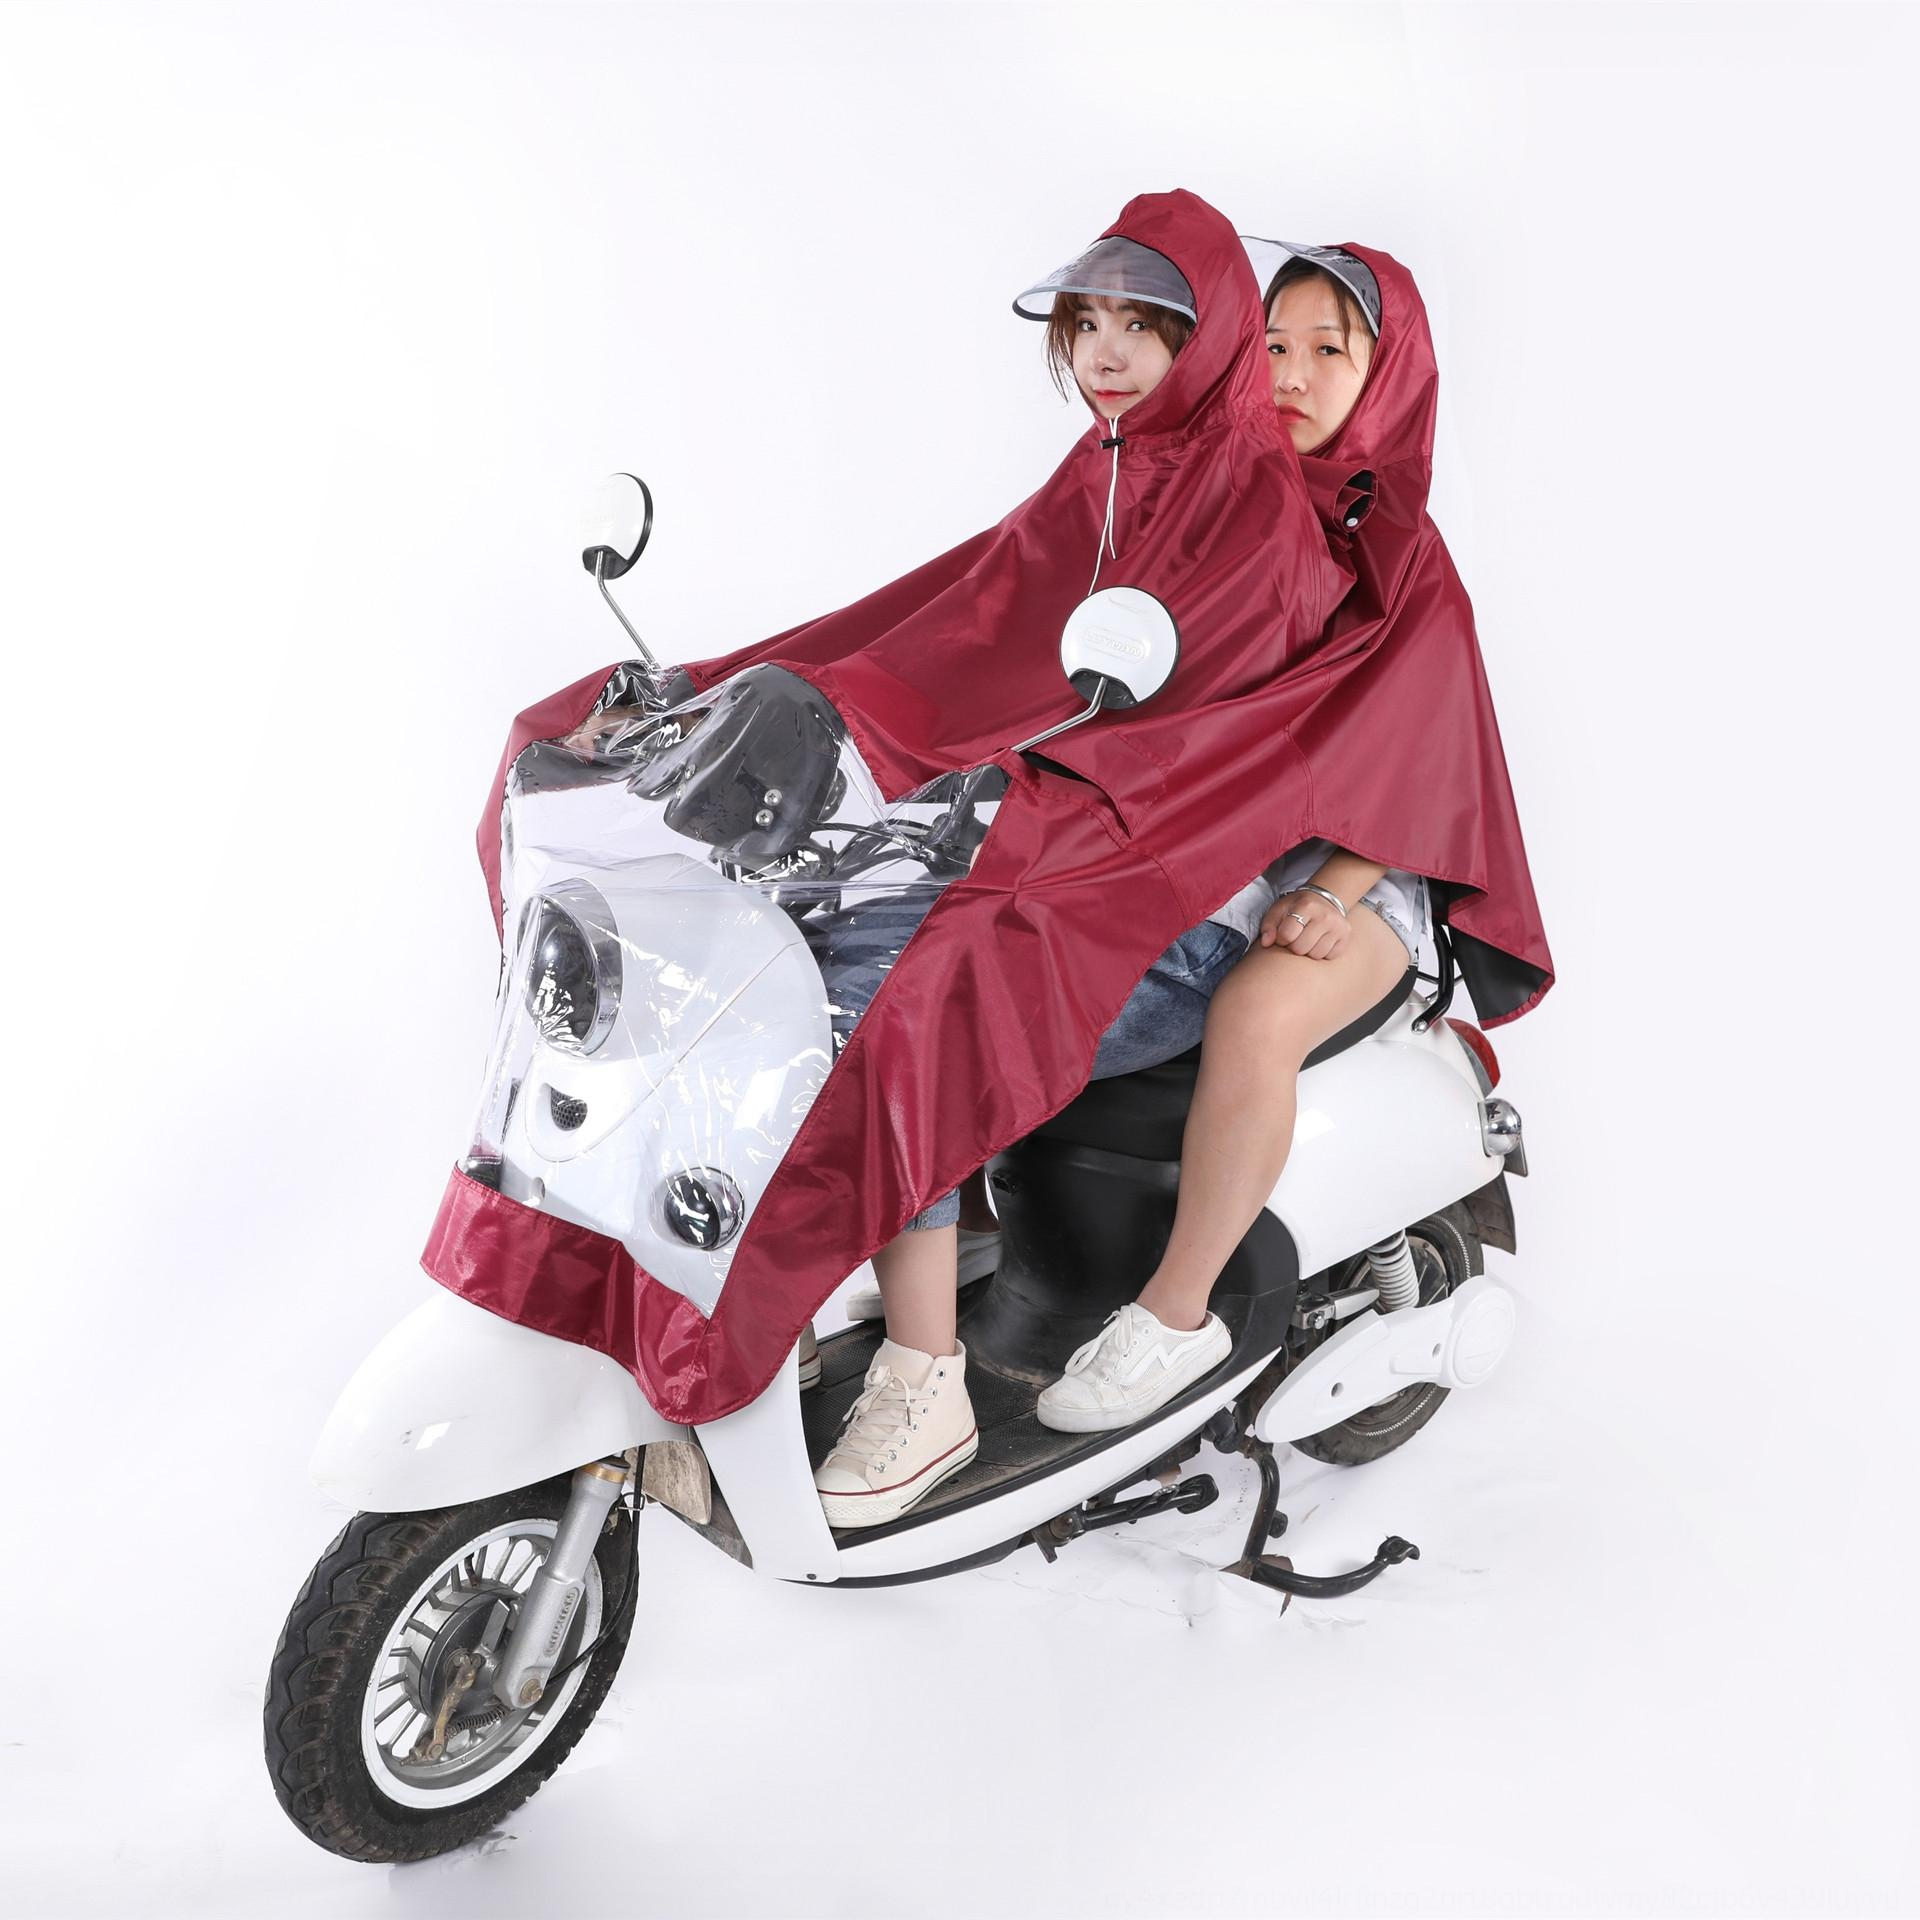 ejDN3 1lruf Elektrikli araba Motosiklet bisiklet araba aküsü yağmurluk motosiklet kadın panço yetişkin erkek ve bisiklet ekstra büyük binme panço